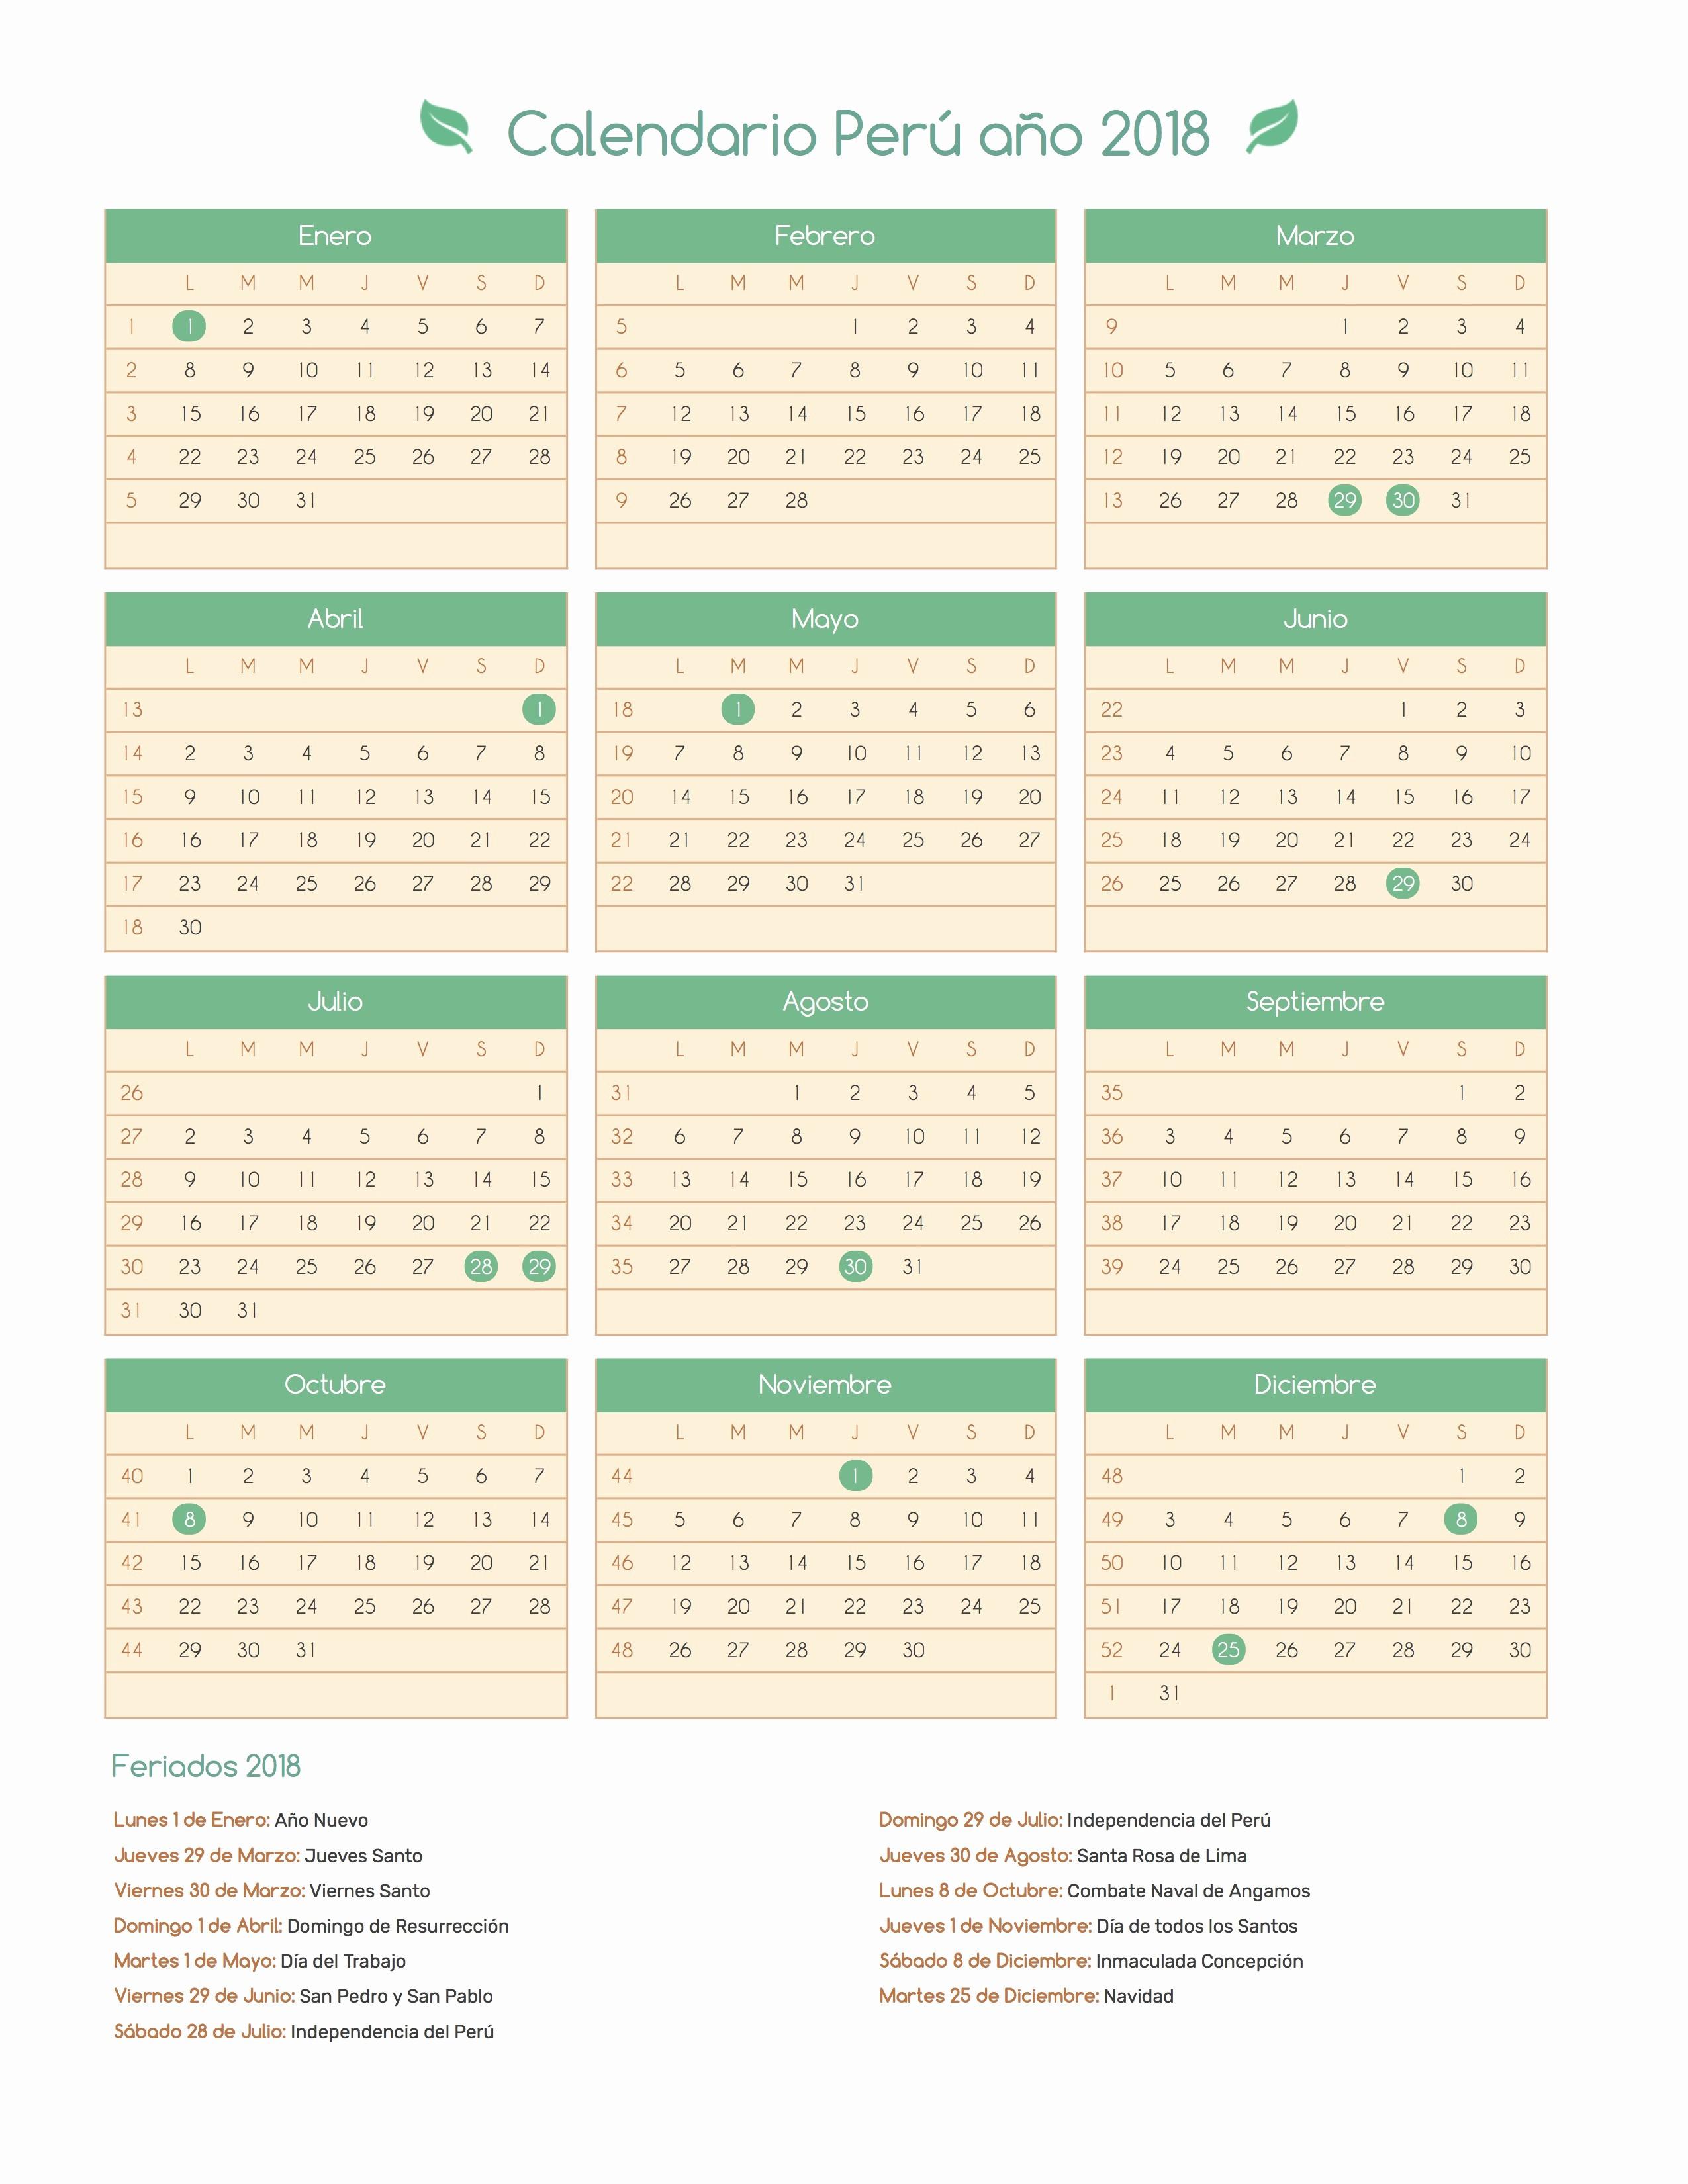 Calendario Febrero 2019 Bolivia Más Reciente Calendário 2017 Feriados → Pleto Of Calendario Febrero 2019 Bolivia Actual Abi Agencia Boliviana De Informaci³n V2018